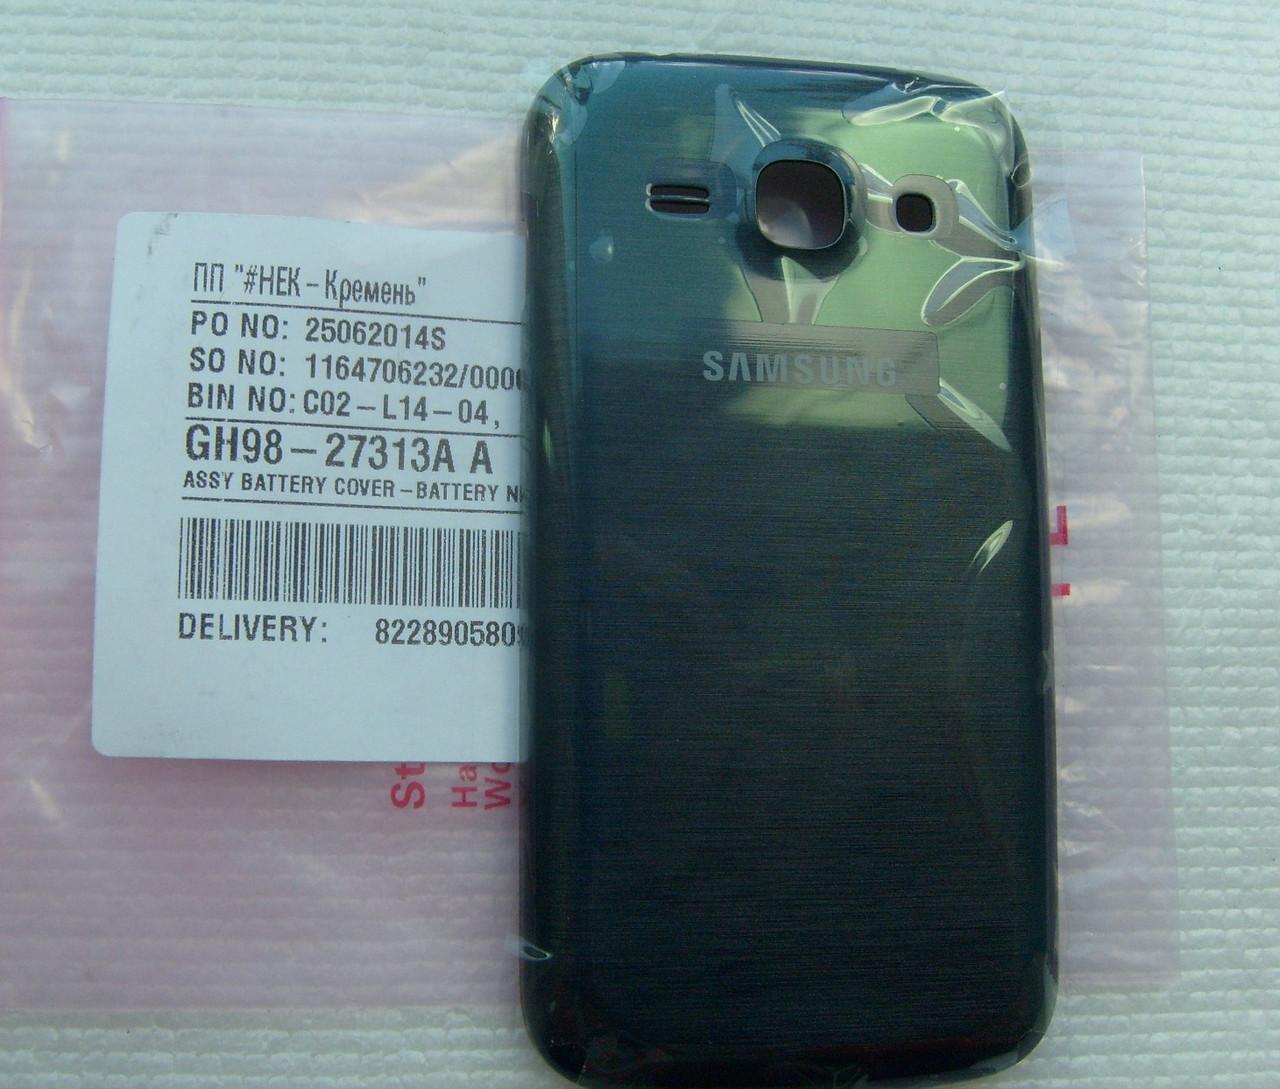 Крышка задняя Samsung GT-S7272  , GH98-27313A